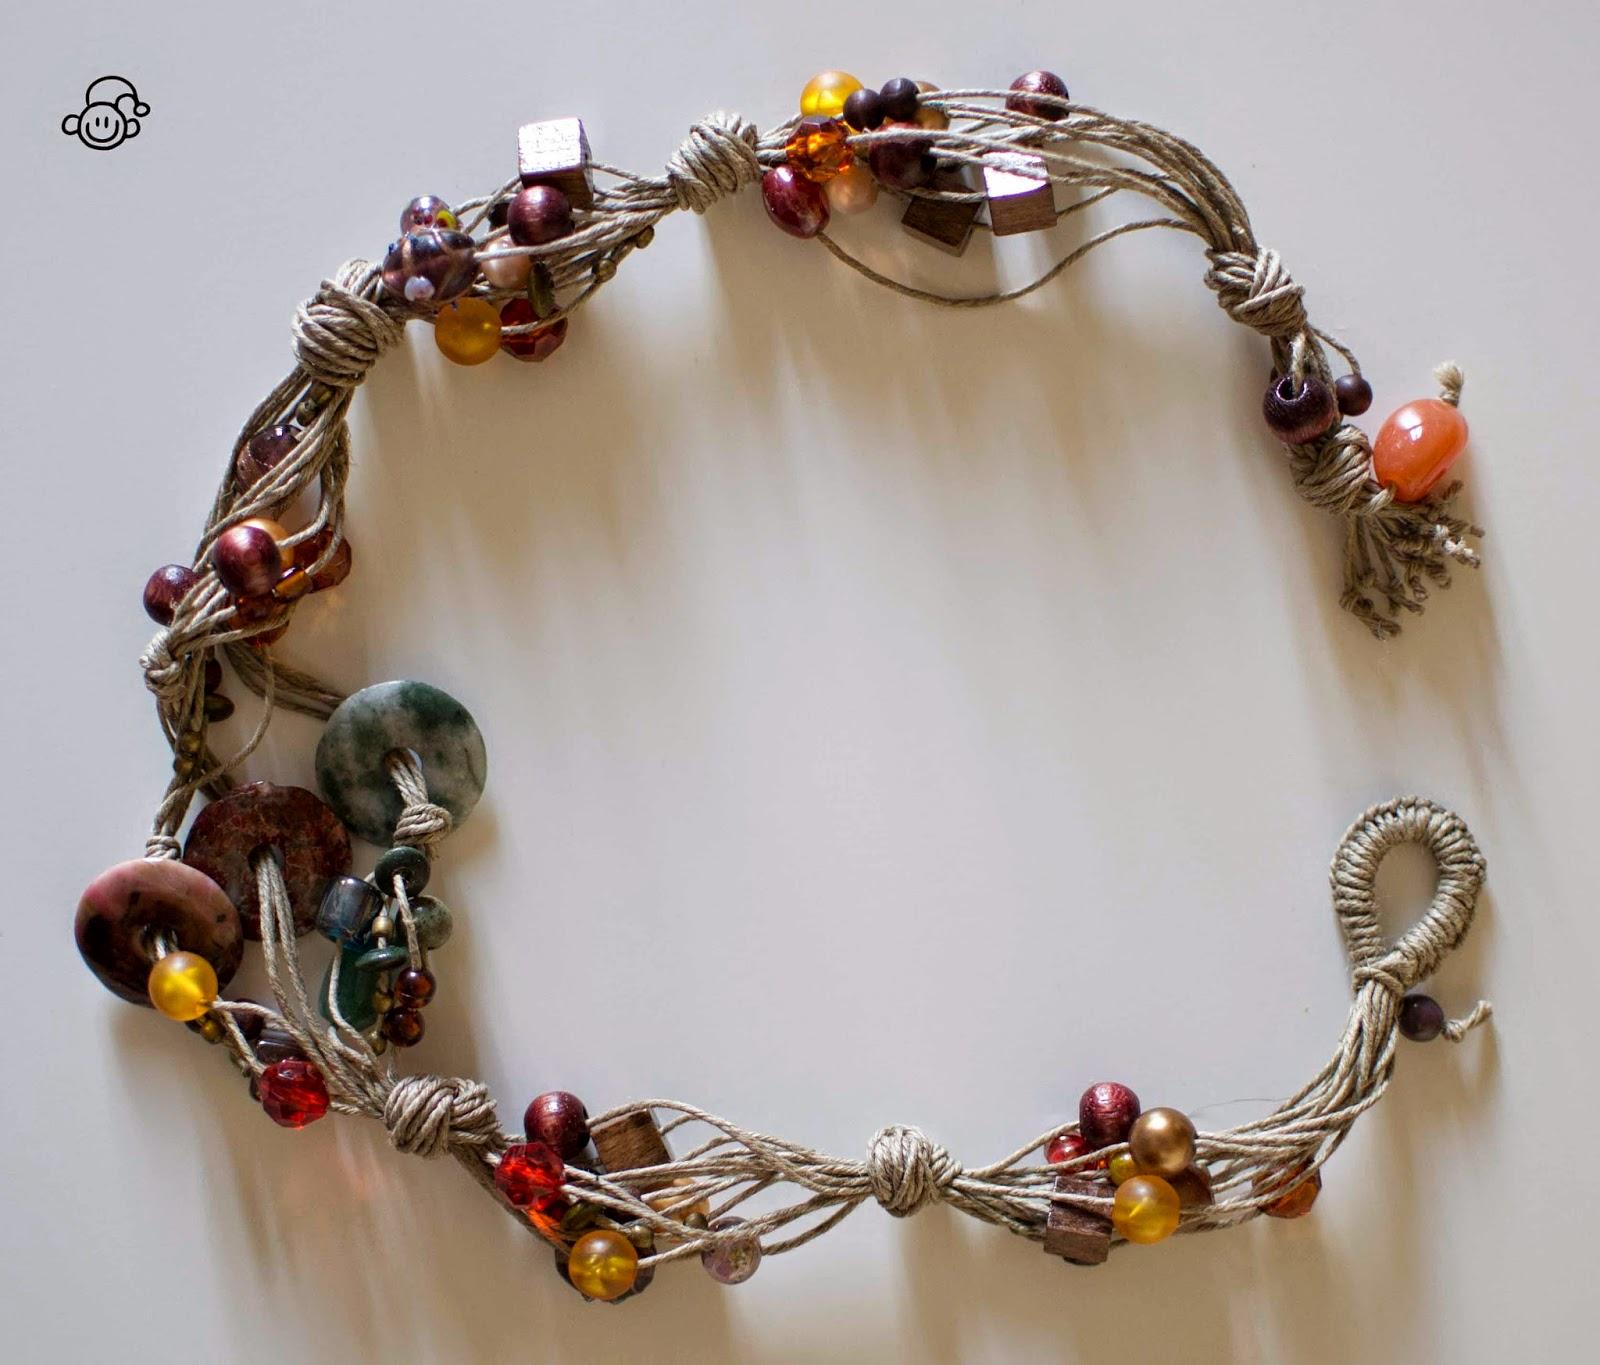 Conosciuto Casa Ignoli: La collana di spago e perle di pietre dure HO59